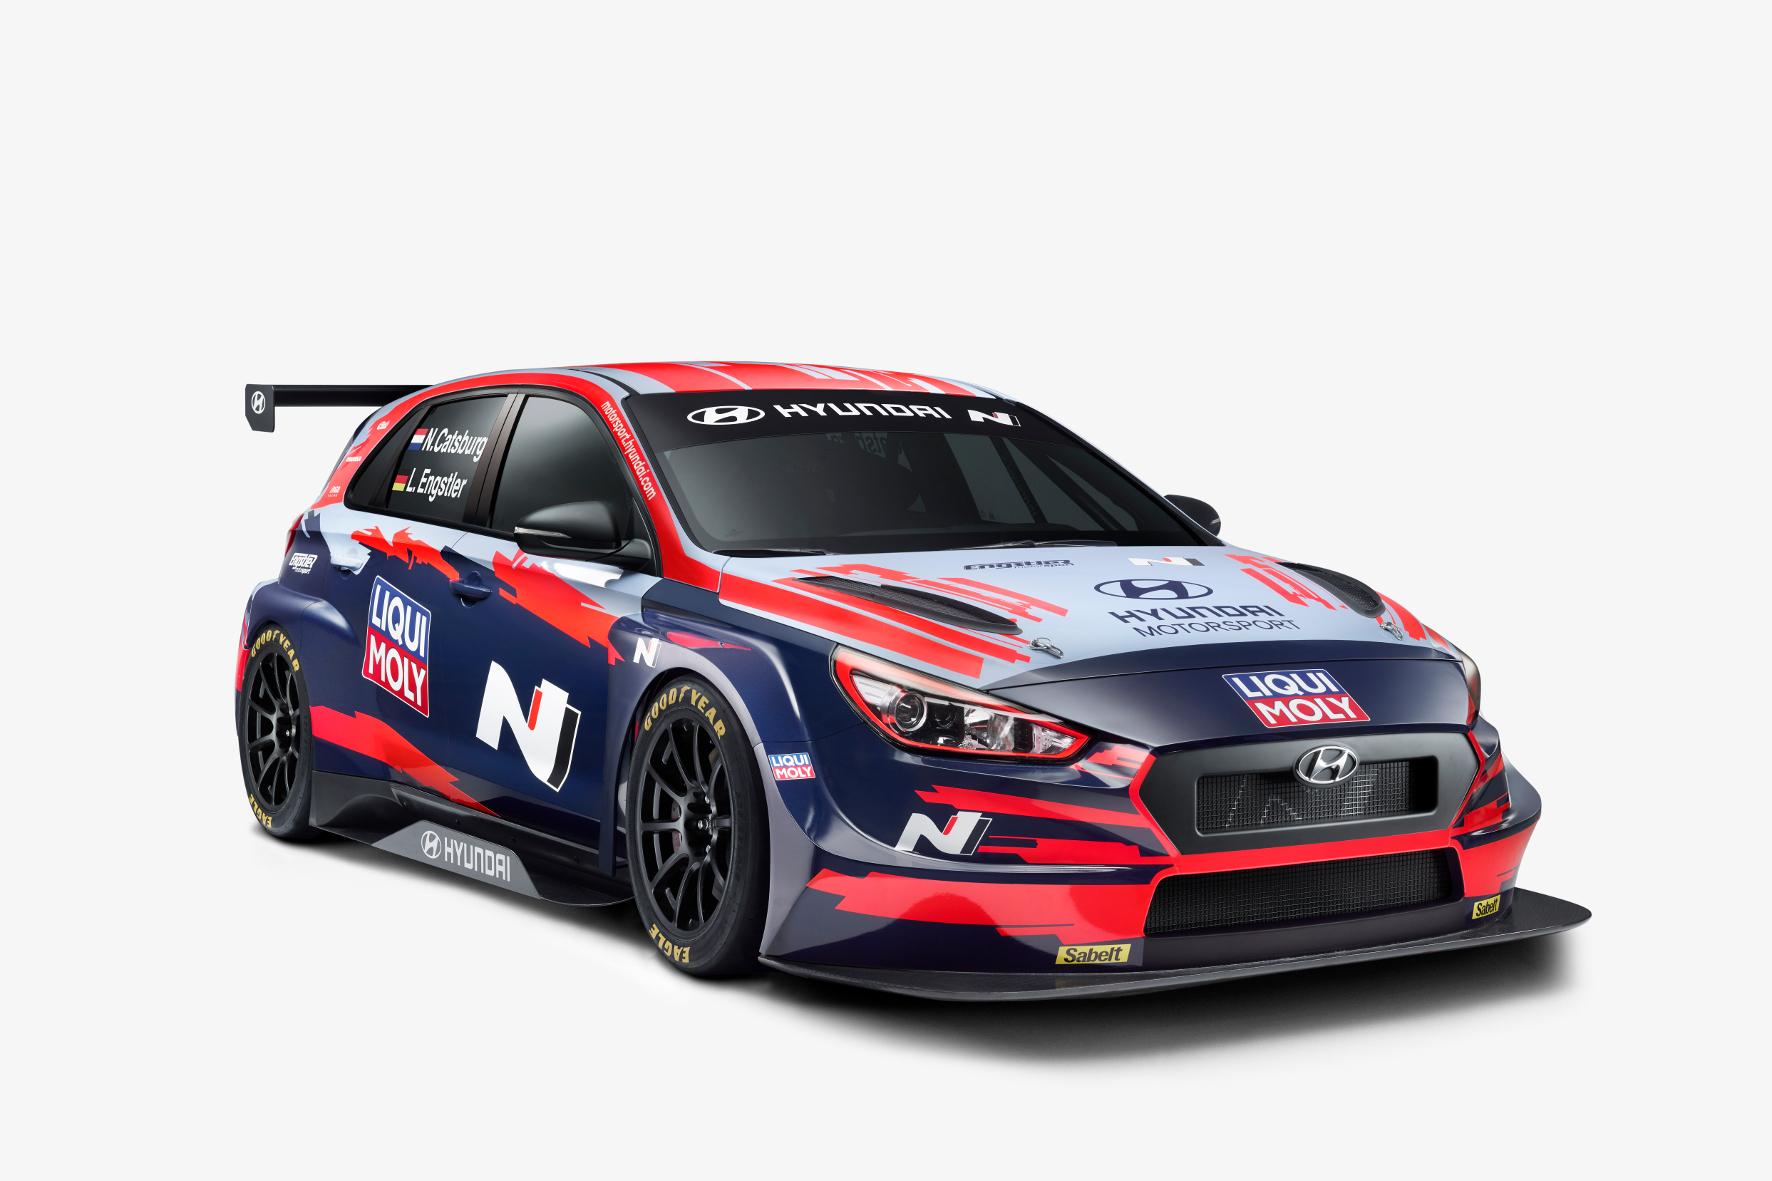 mid Groß-Gerau - Liqui Moly auf der Frontpartie: der Hyundai i30 N TCR für die neue Saison. Liqui Moly